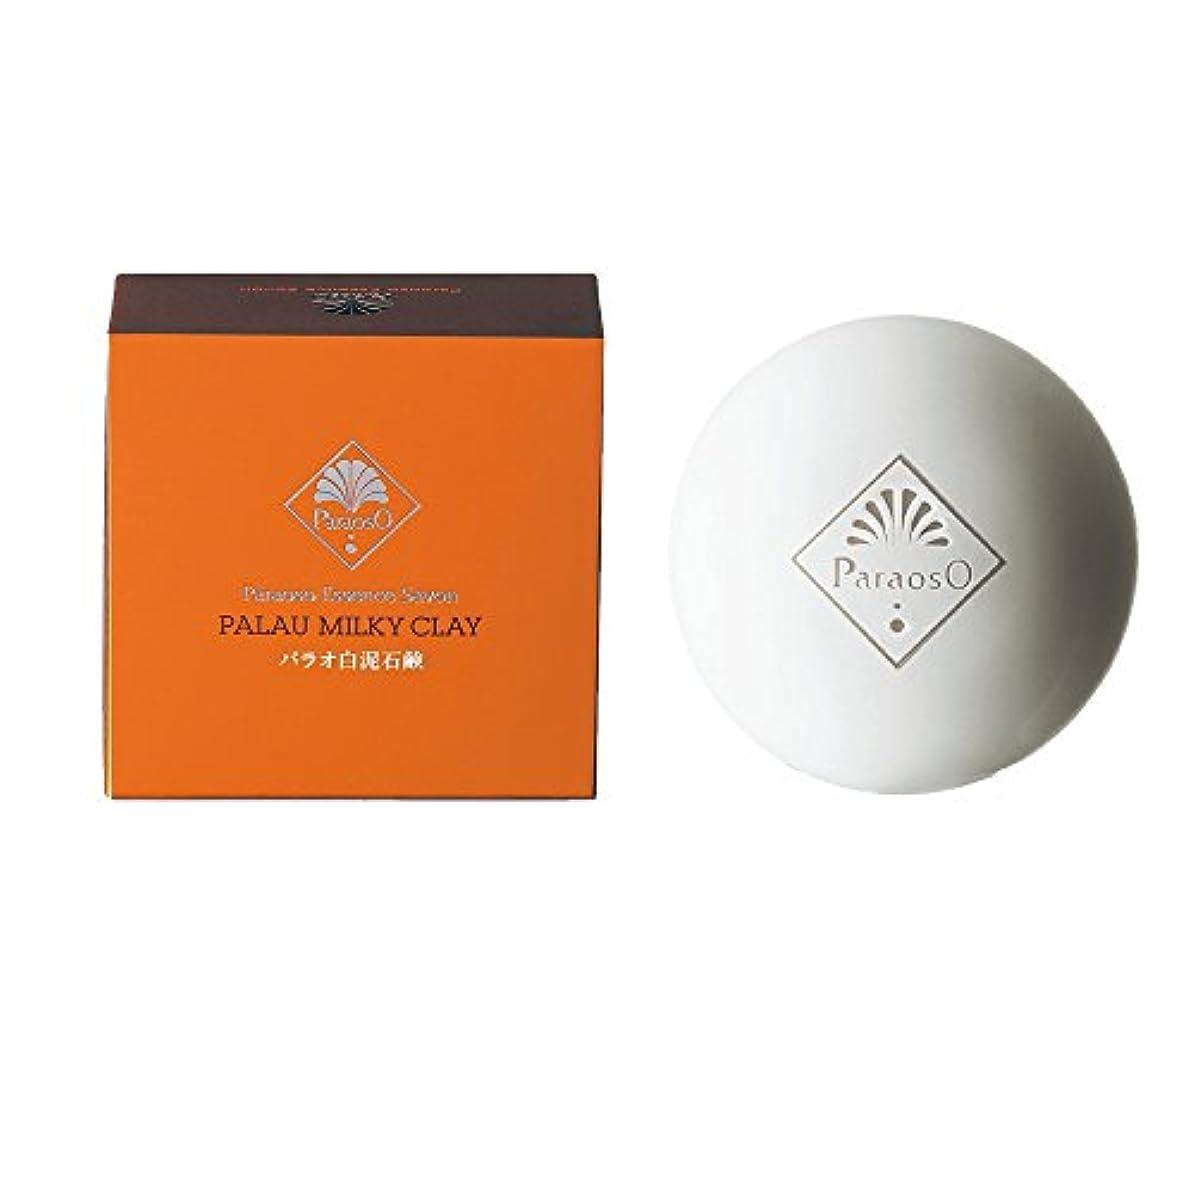 レコーダー雄大な覚えているパラオソエッセンスサボン 1個 +洗顔ネット